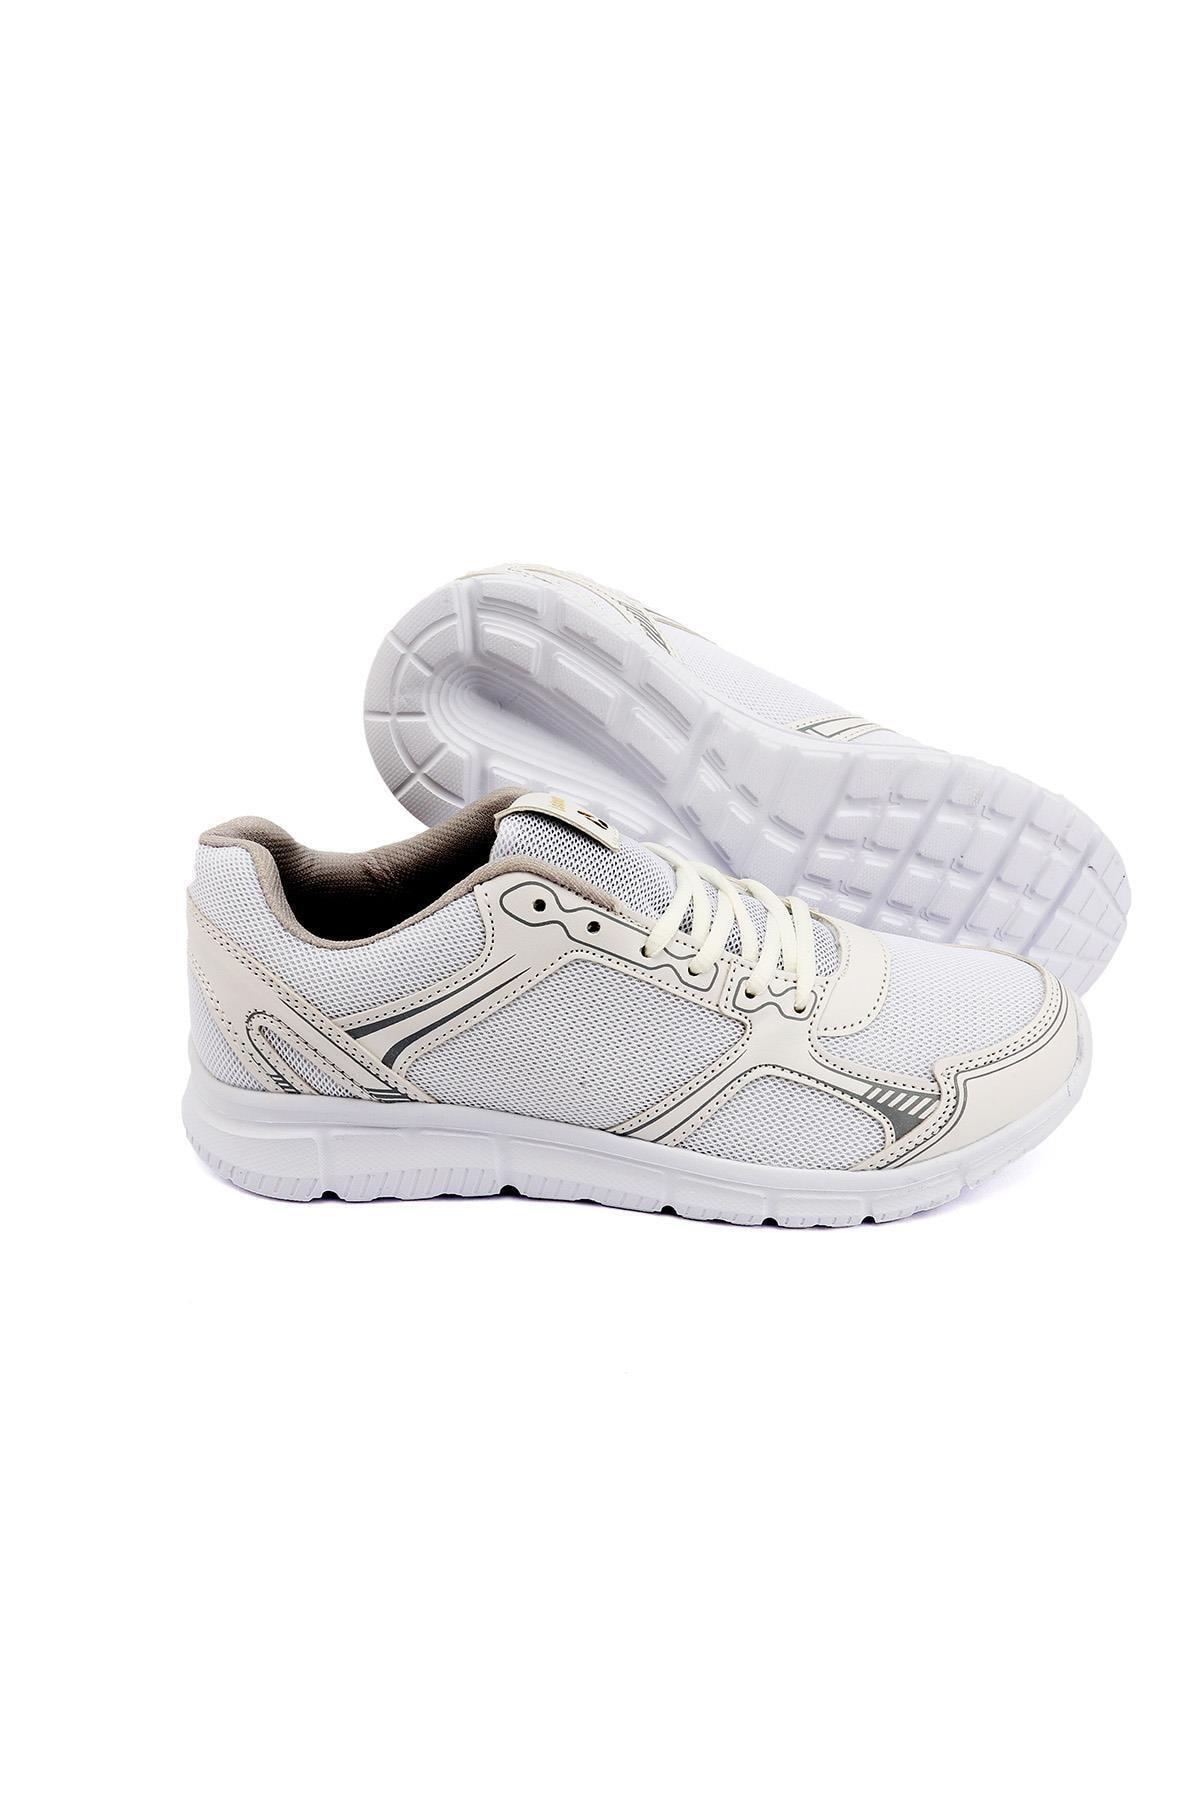 LETOON 2085 Erkek Spor Ayakkabı 1